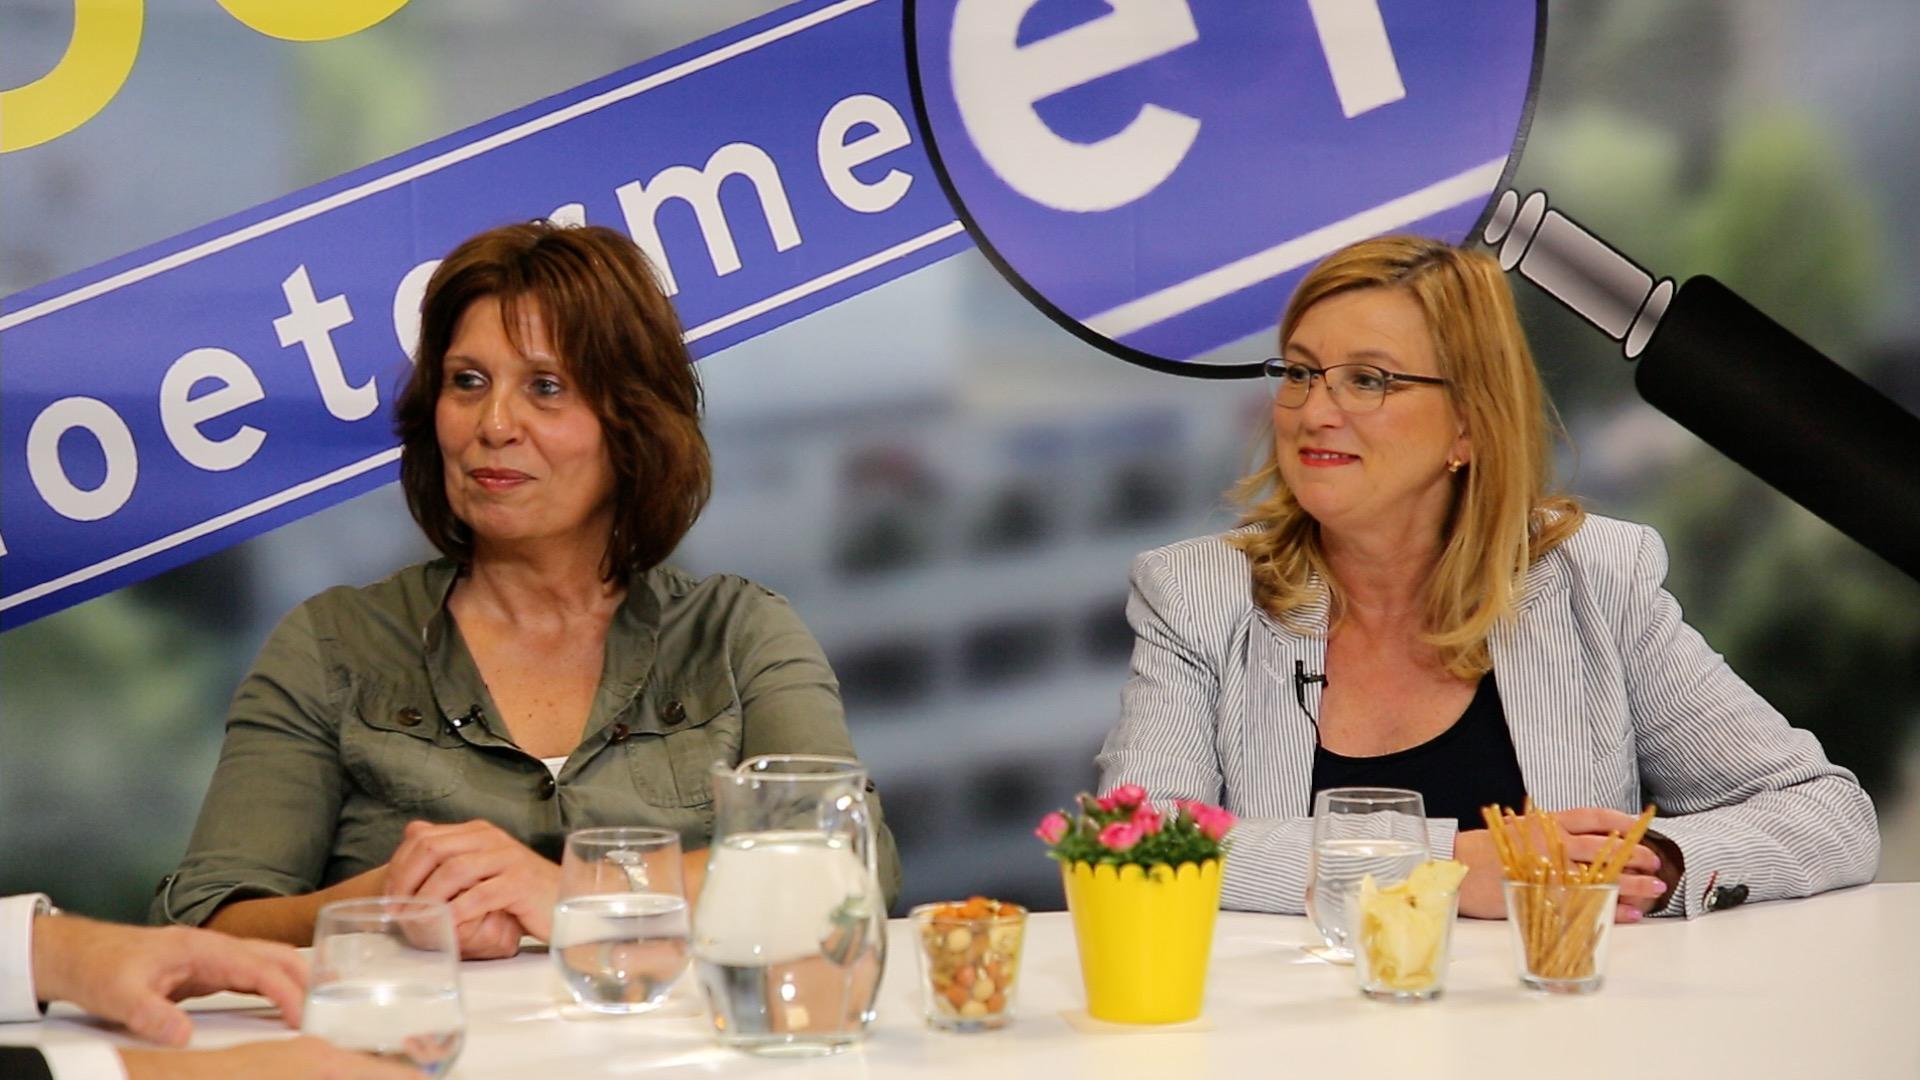 Focus op Zoetermeer (Jaargang 1 Aflevering 9)